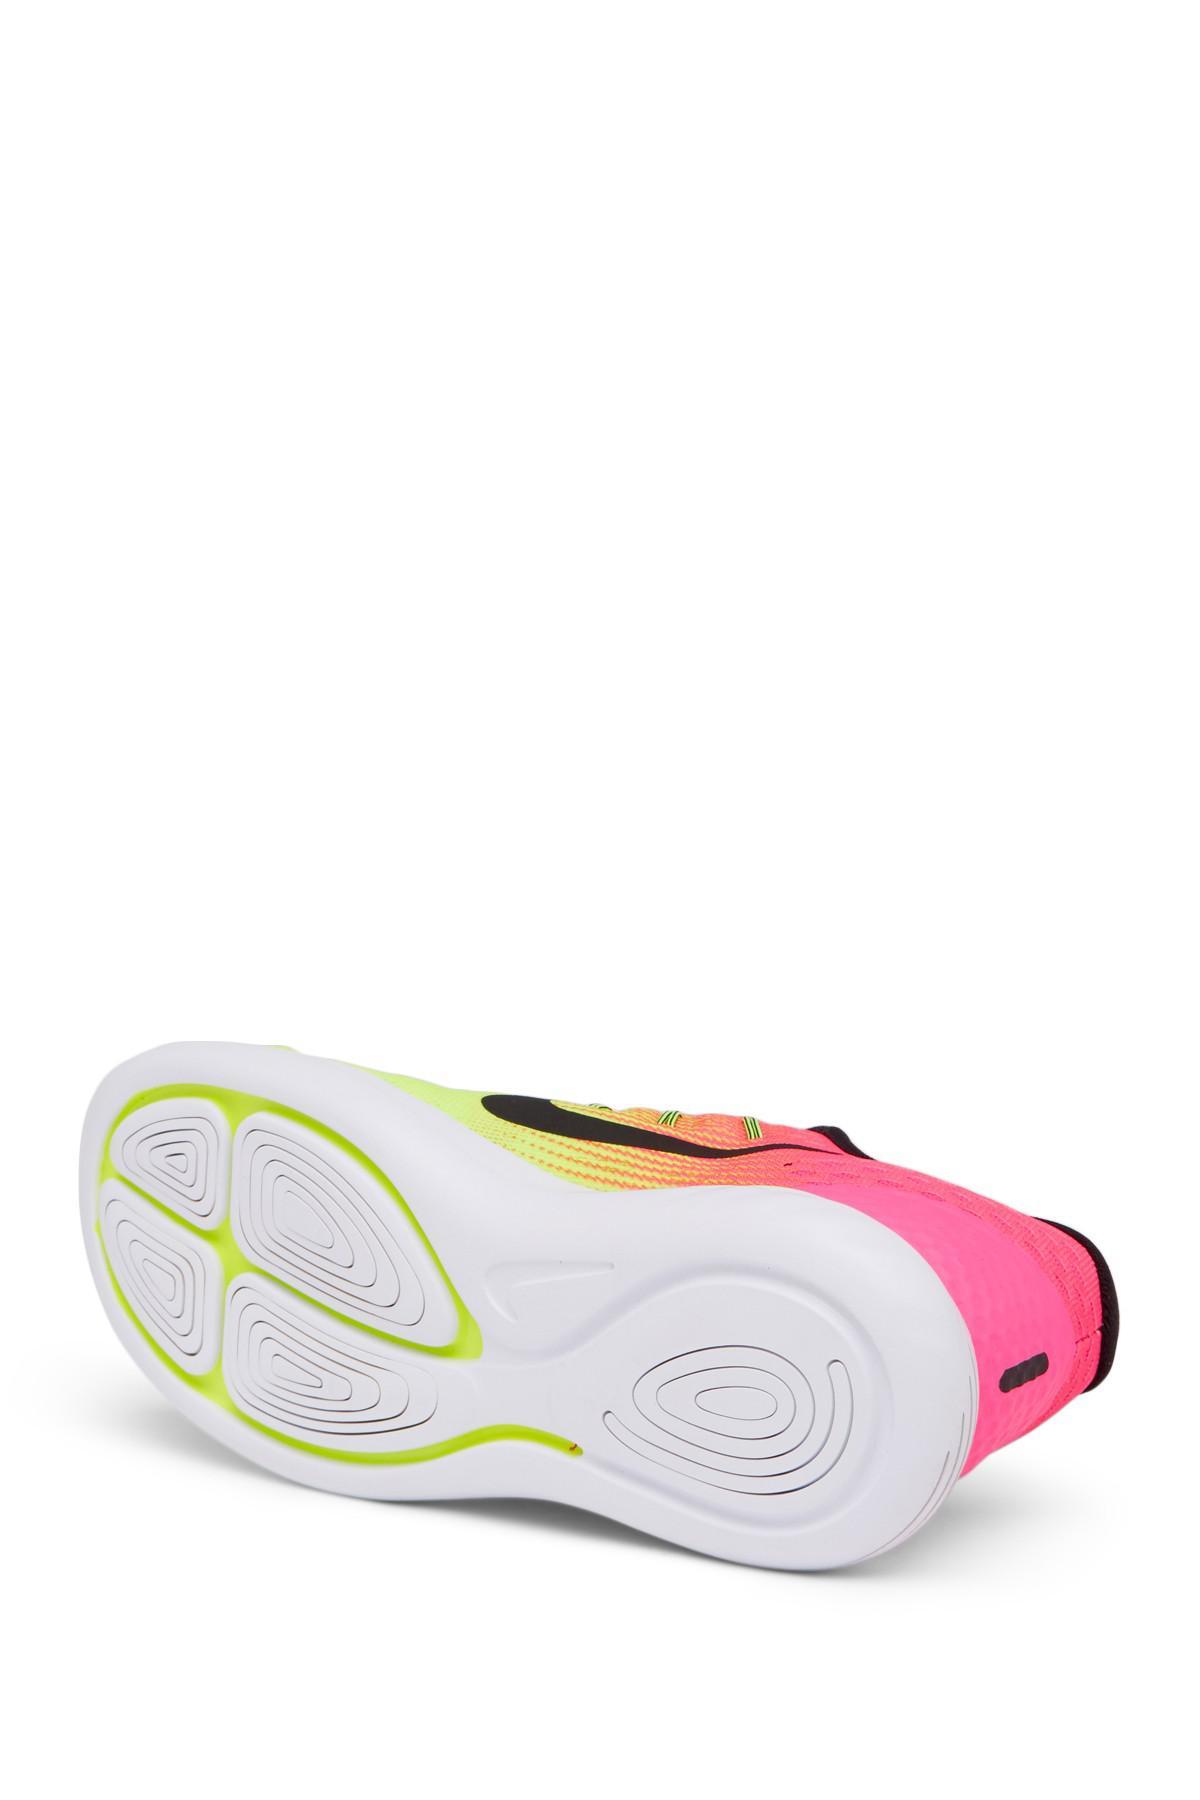 8 Oc Lunarglide Lyst Nike Zapatilla Zapatilla Nike bf98c4